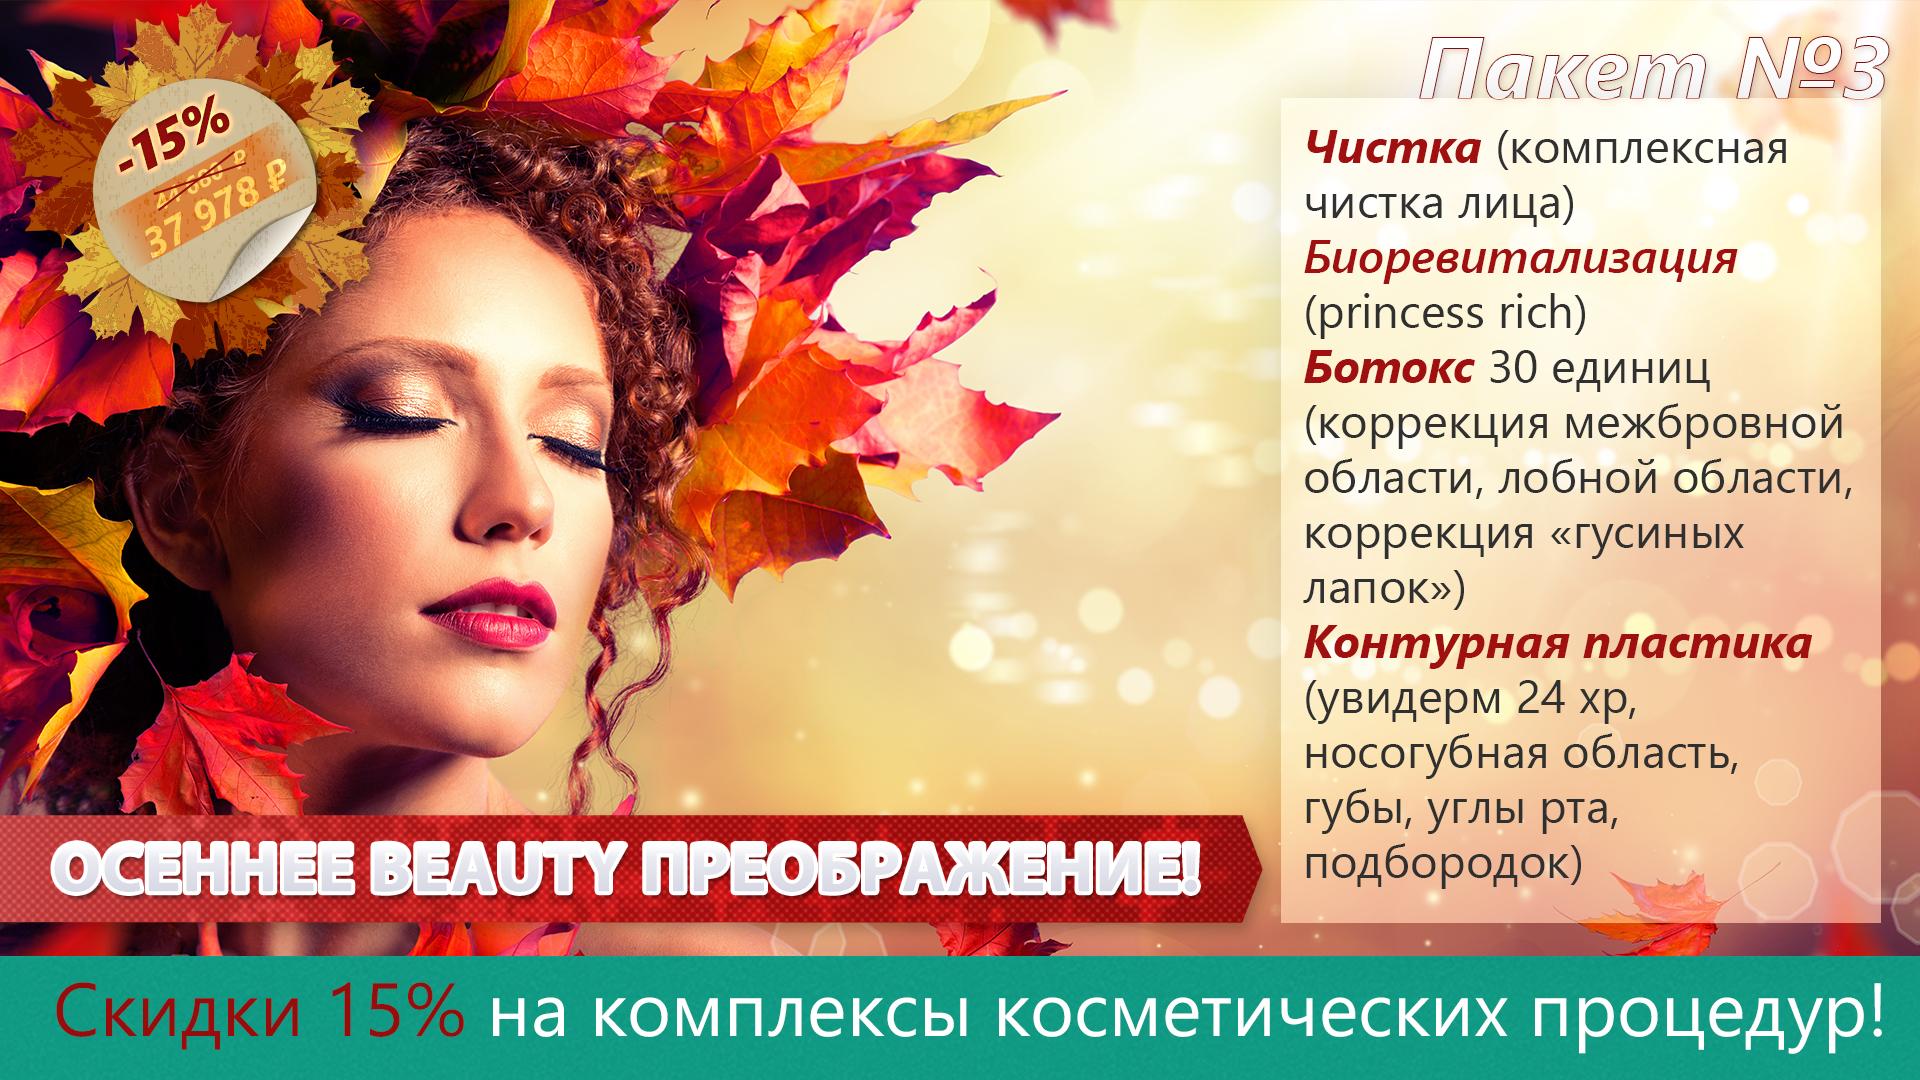 Осеннее Бьюти Преображение № 3